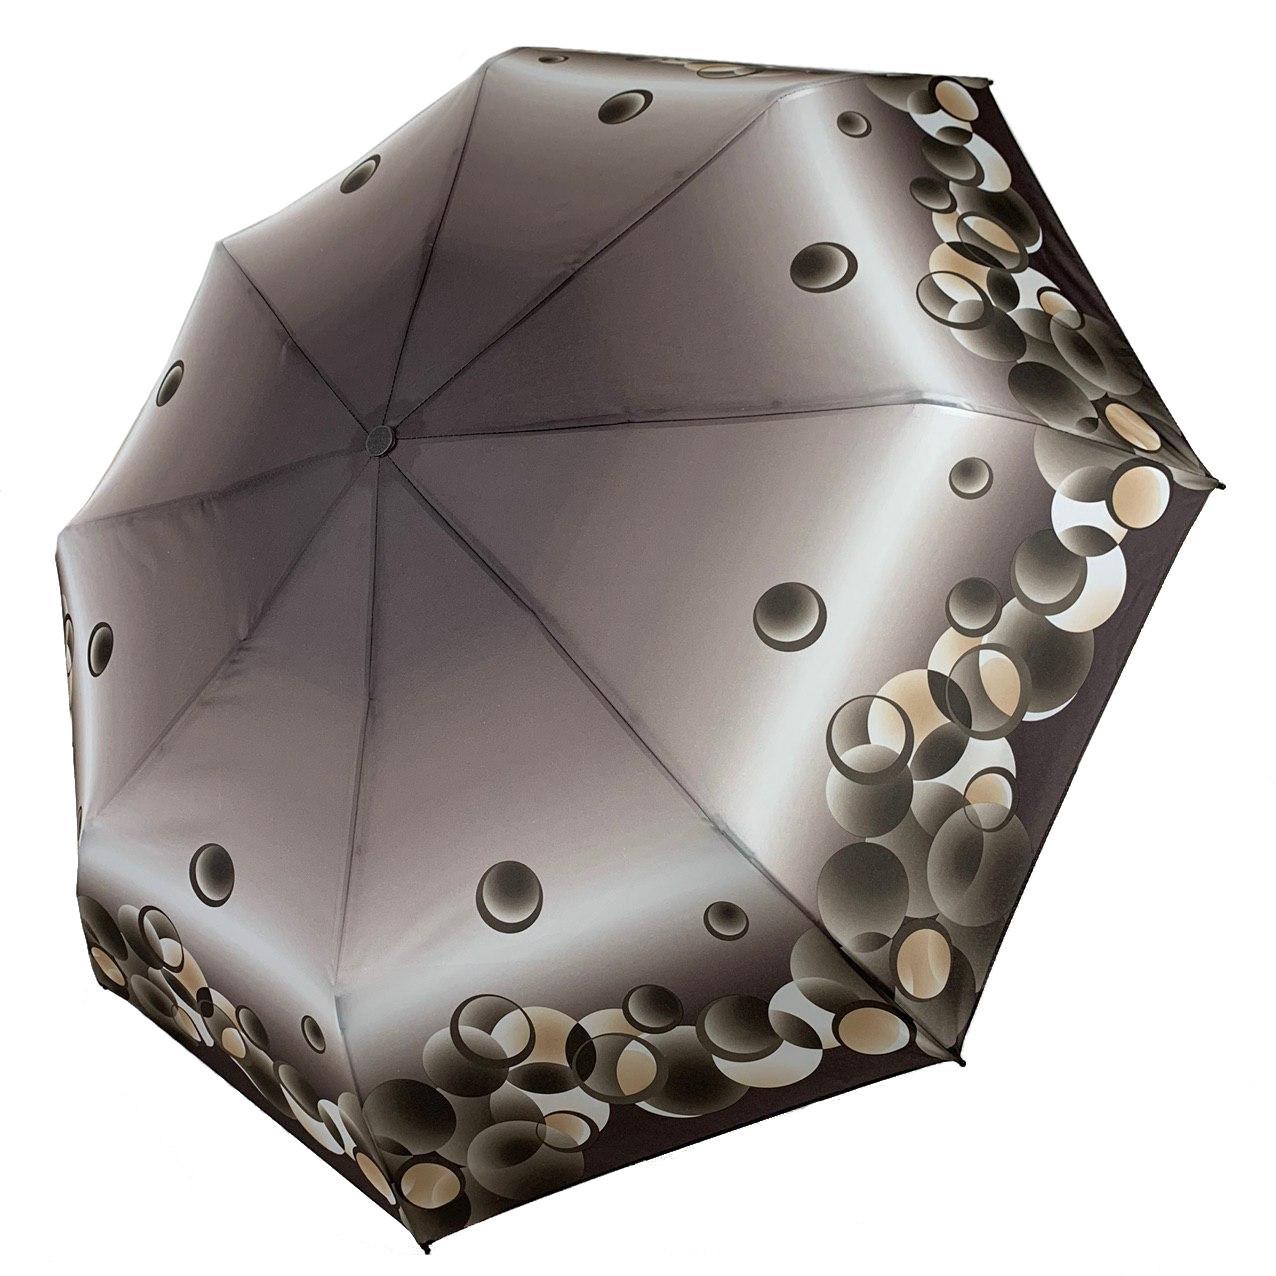 Женский механический зонтик на 8 спиц от SL, серый, 35011-6